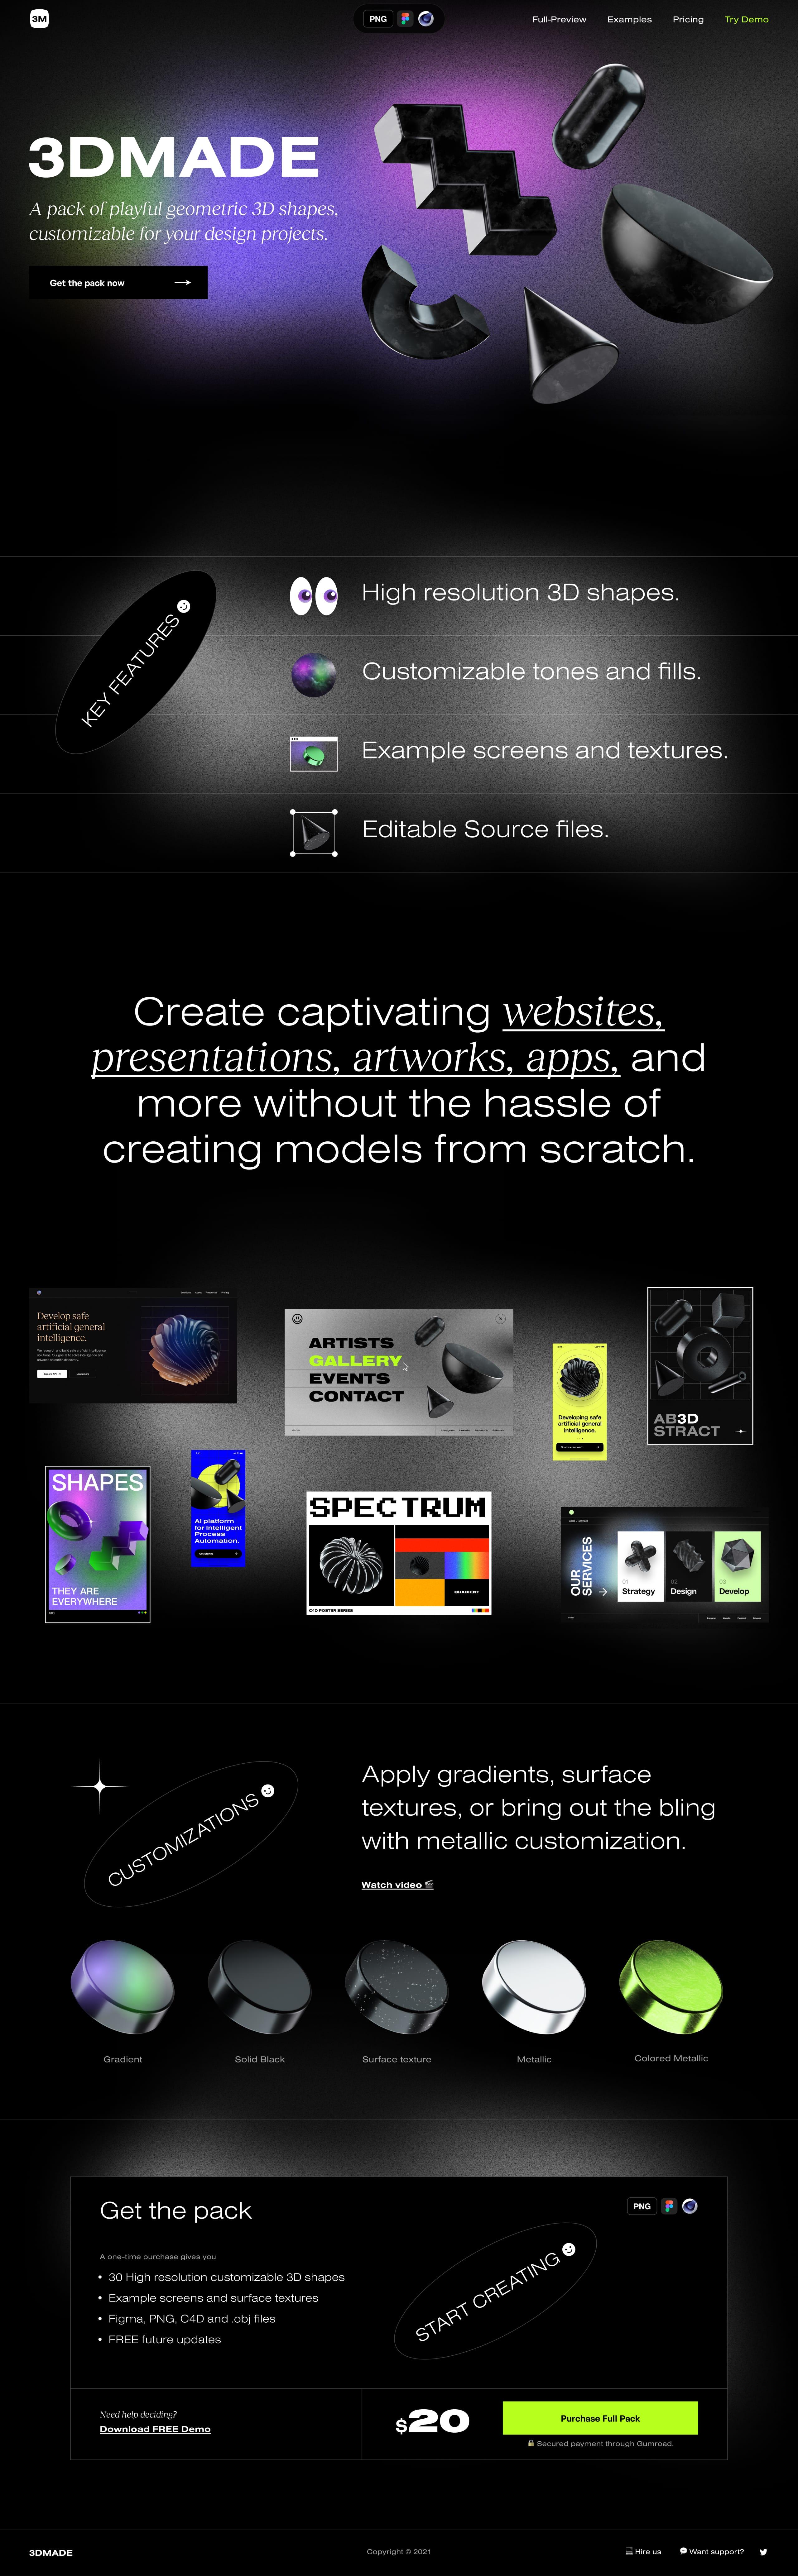 3DMADE Website Screenshot